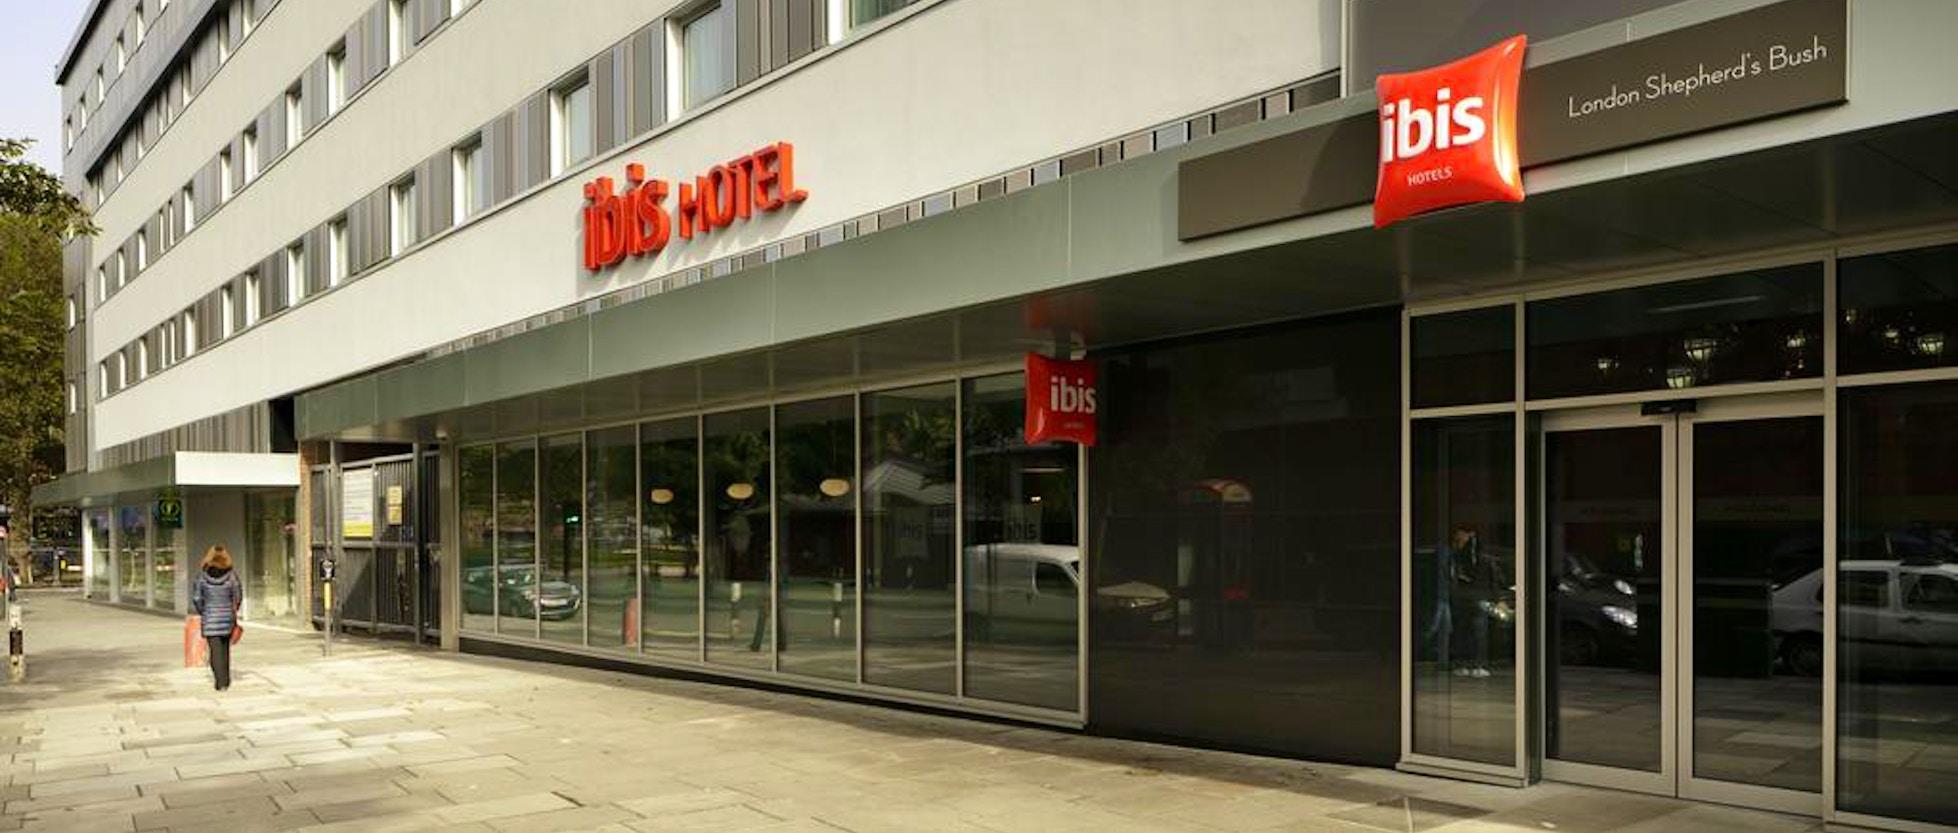 Ibis Hotel Londra: I vantaggi della catena di hotel low cost